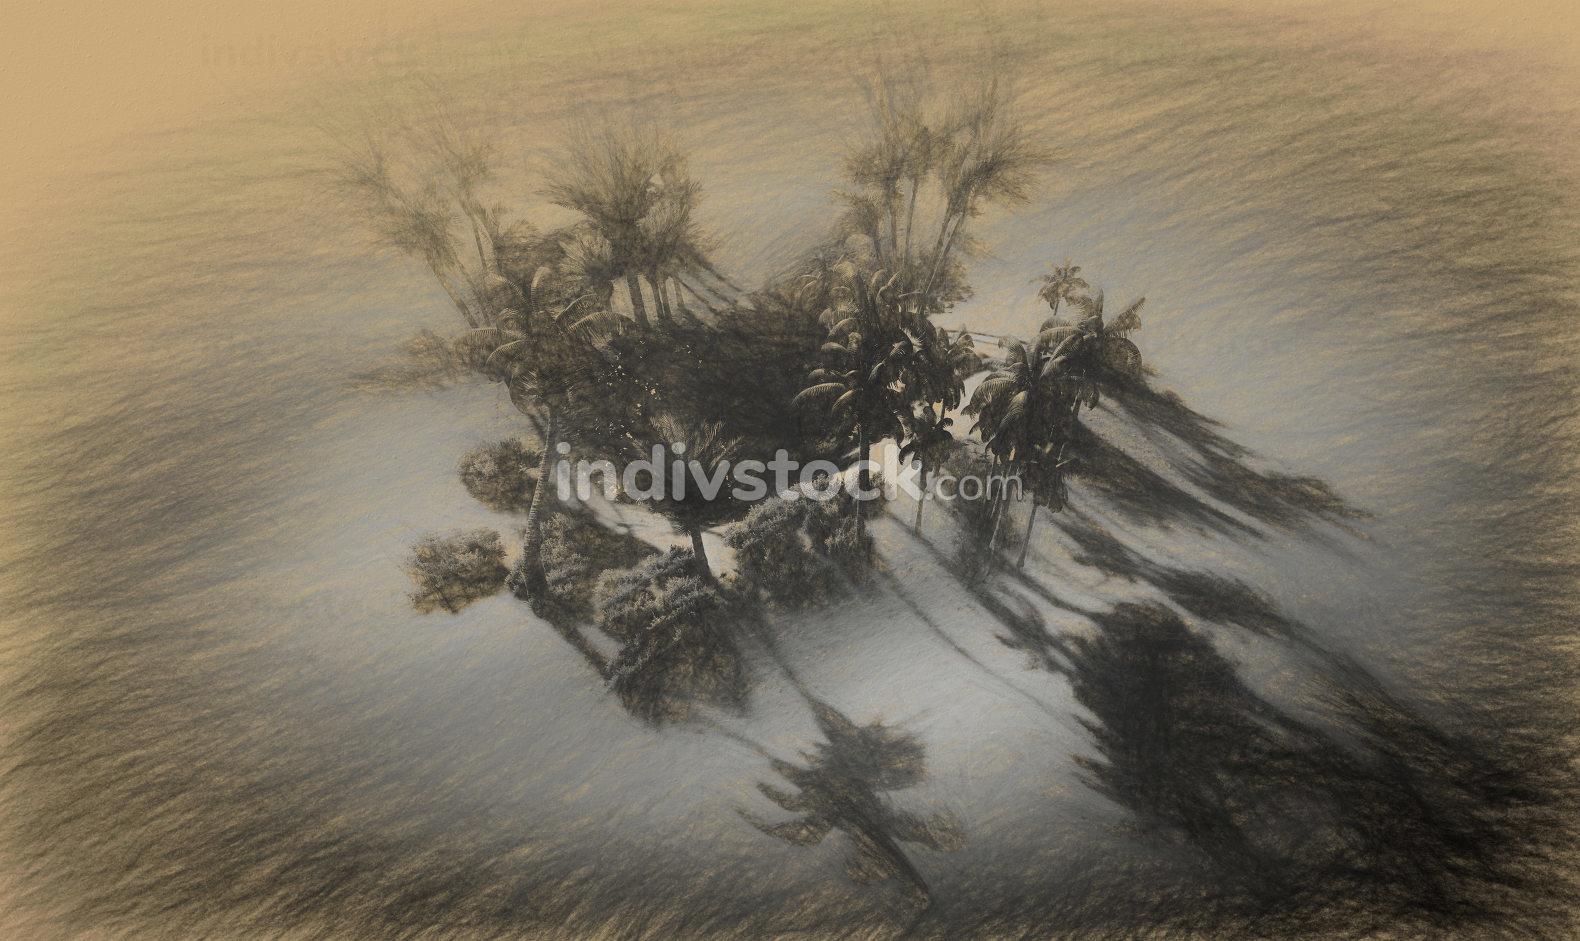 Digital 3d illustration of Oasis in the desert